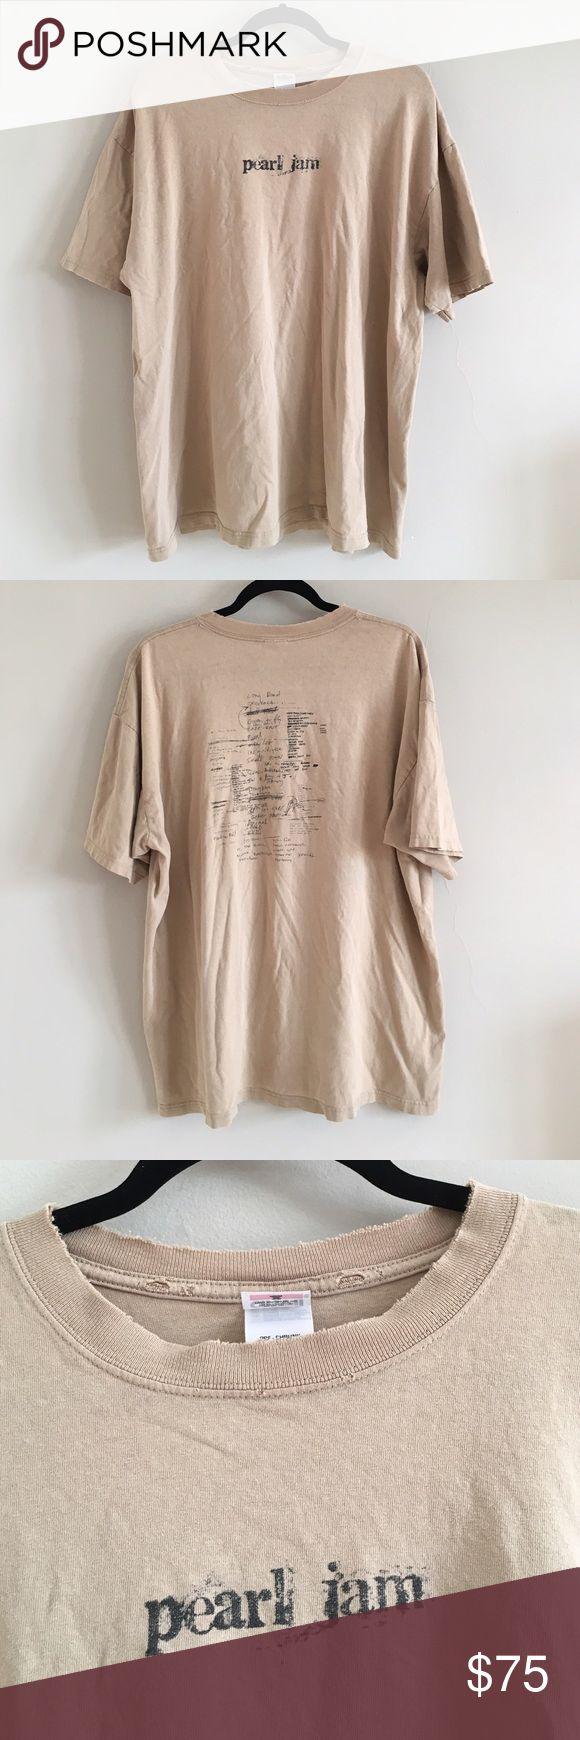 Vintage RARE Pearl Jam Tour T-shirt Vintage 90s Pearl Jam concert shirt Vintage Tops Tees - Short Sleeve